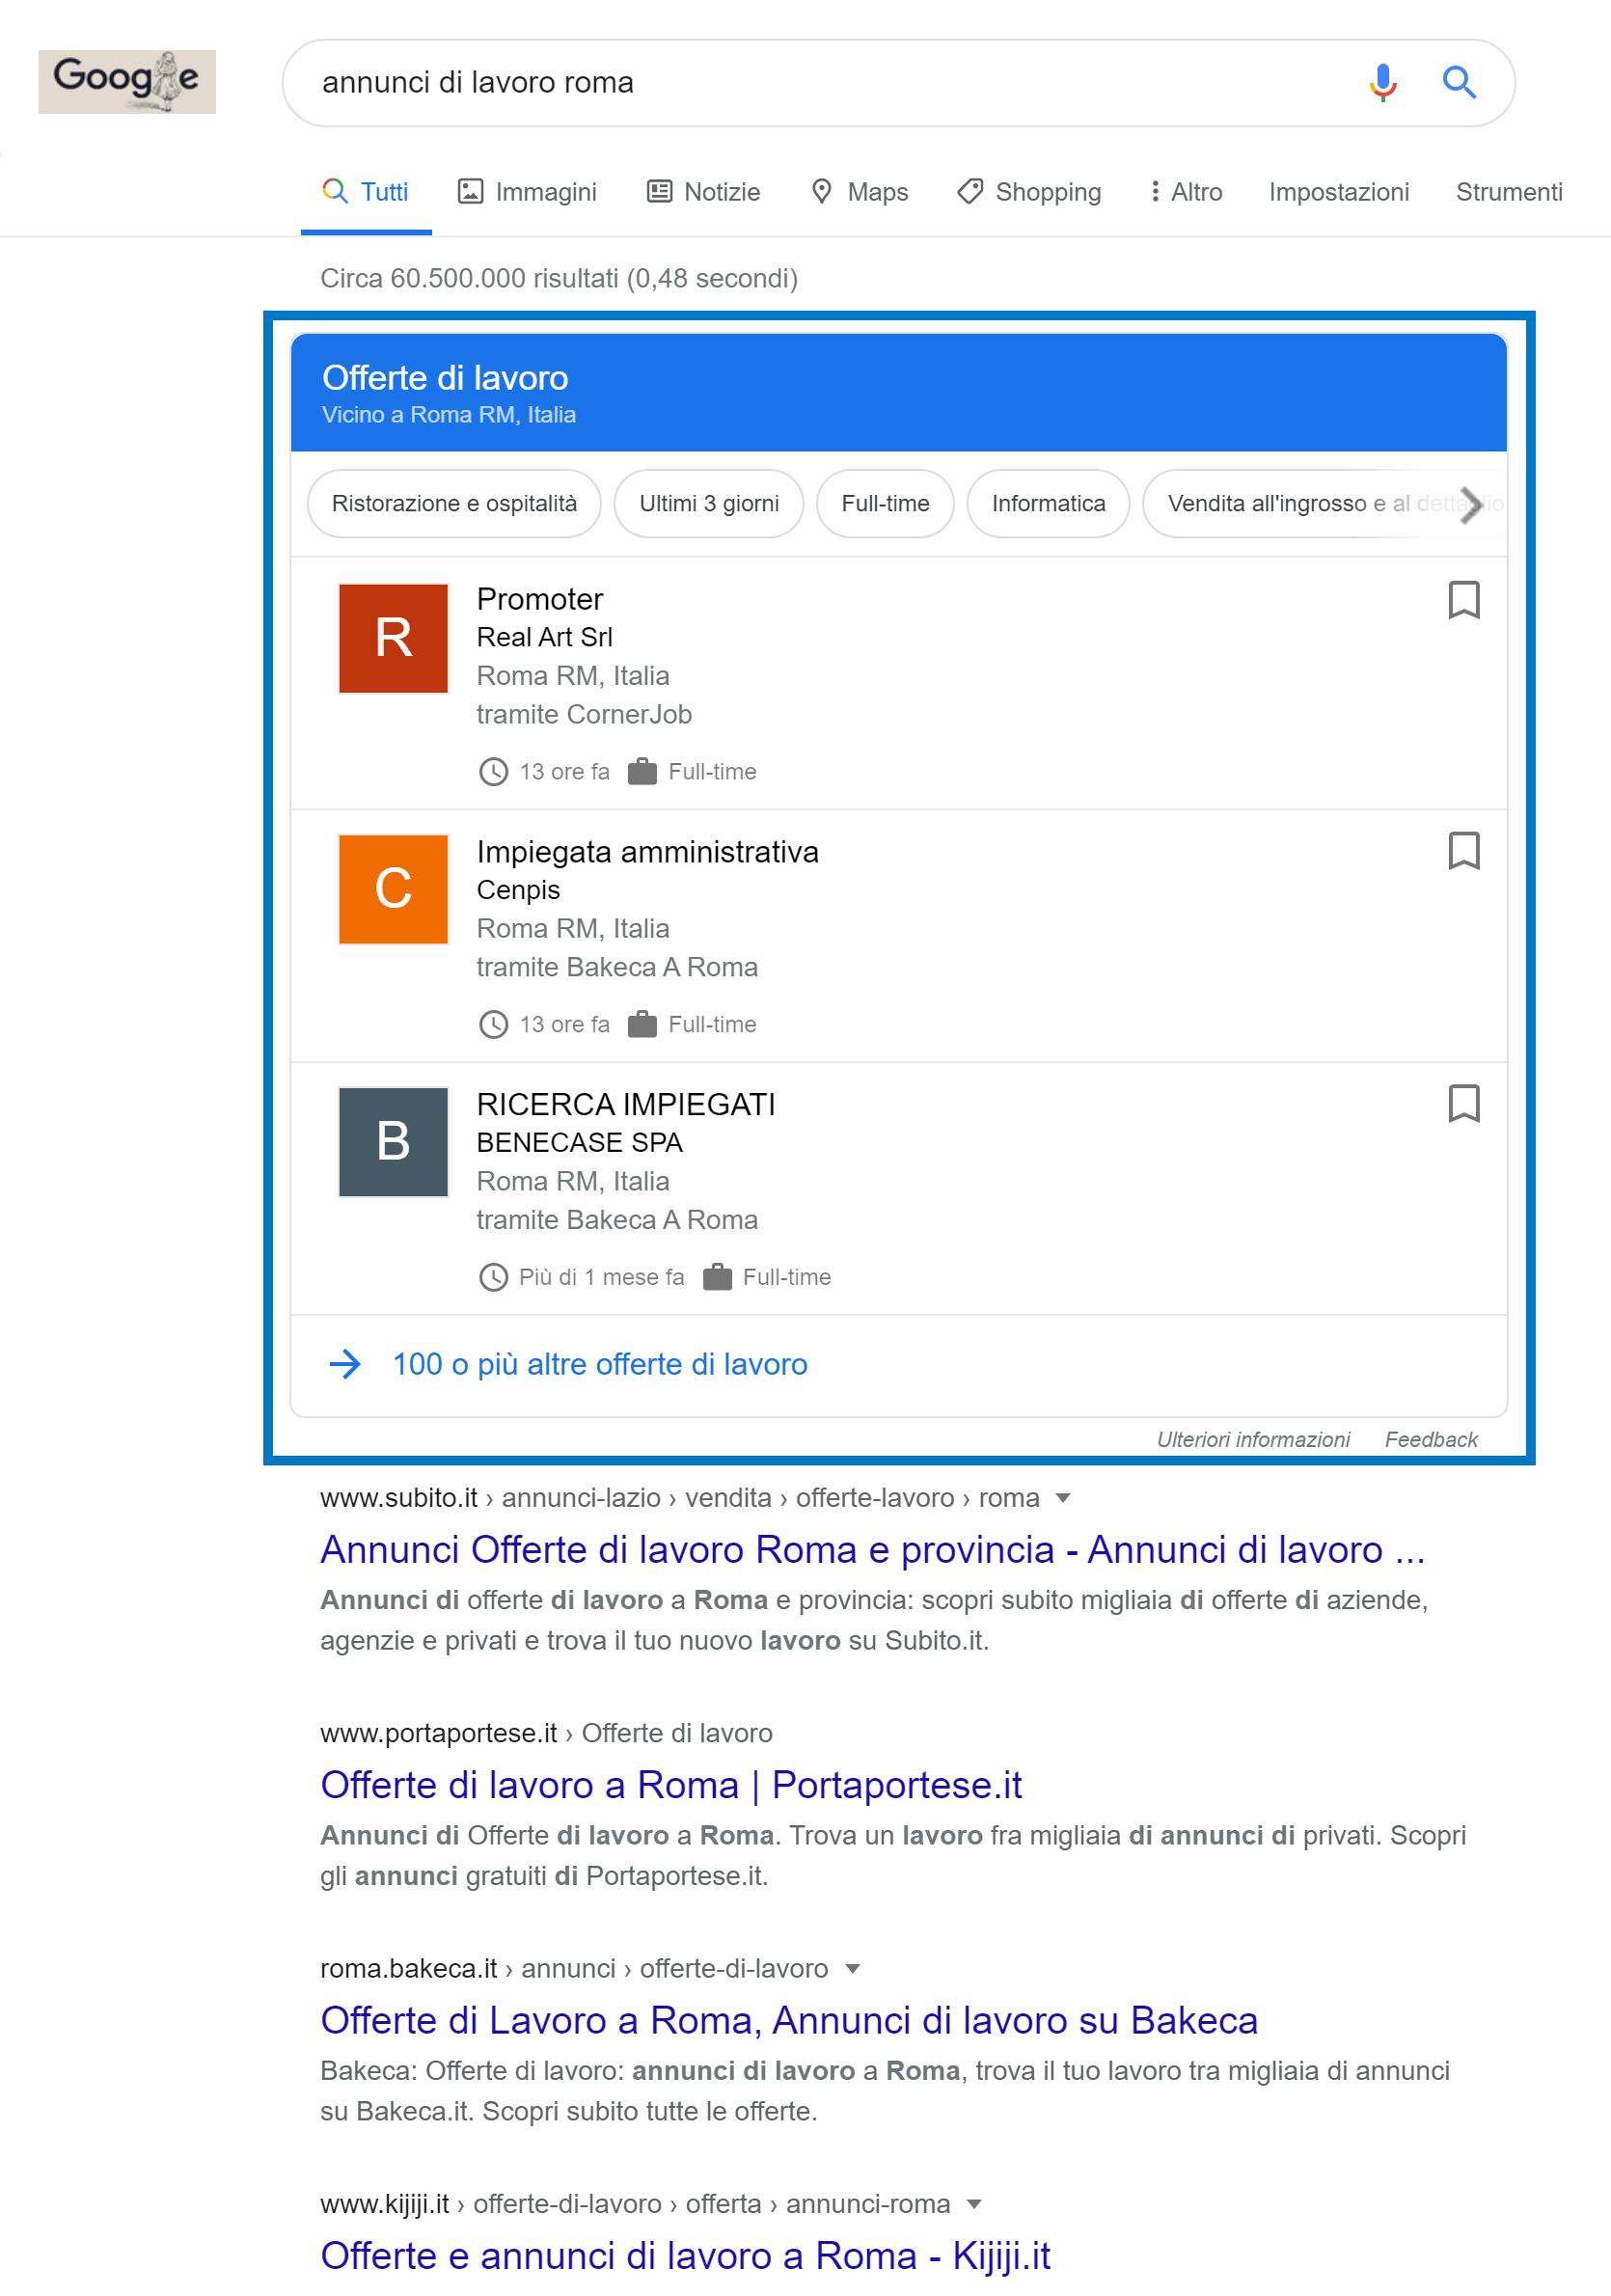 Box di Google nel settore delle offerte di lavoro